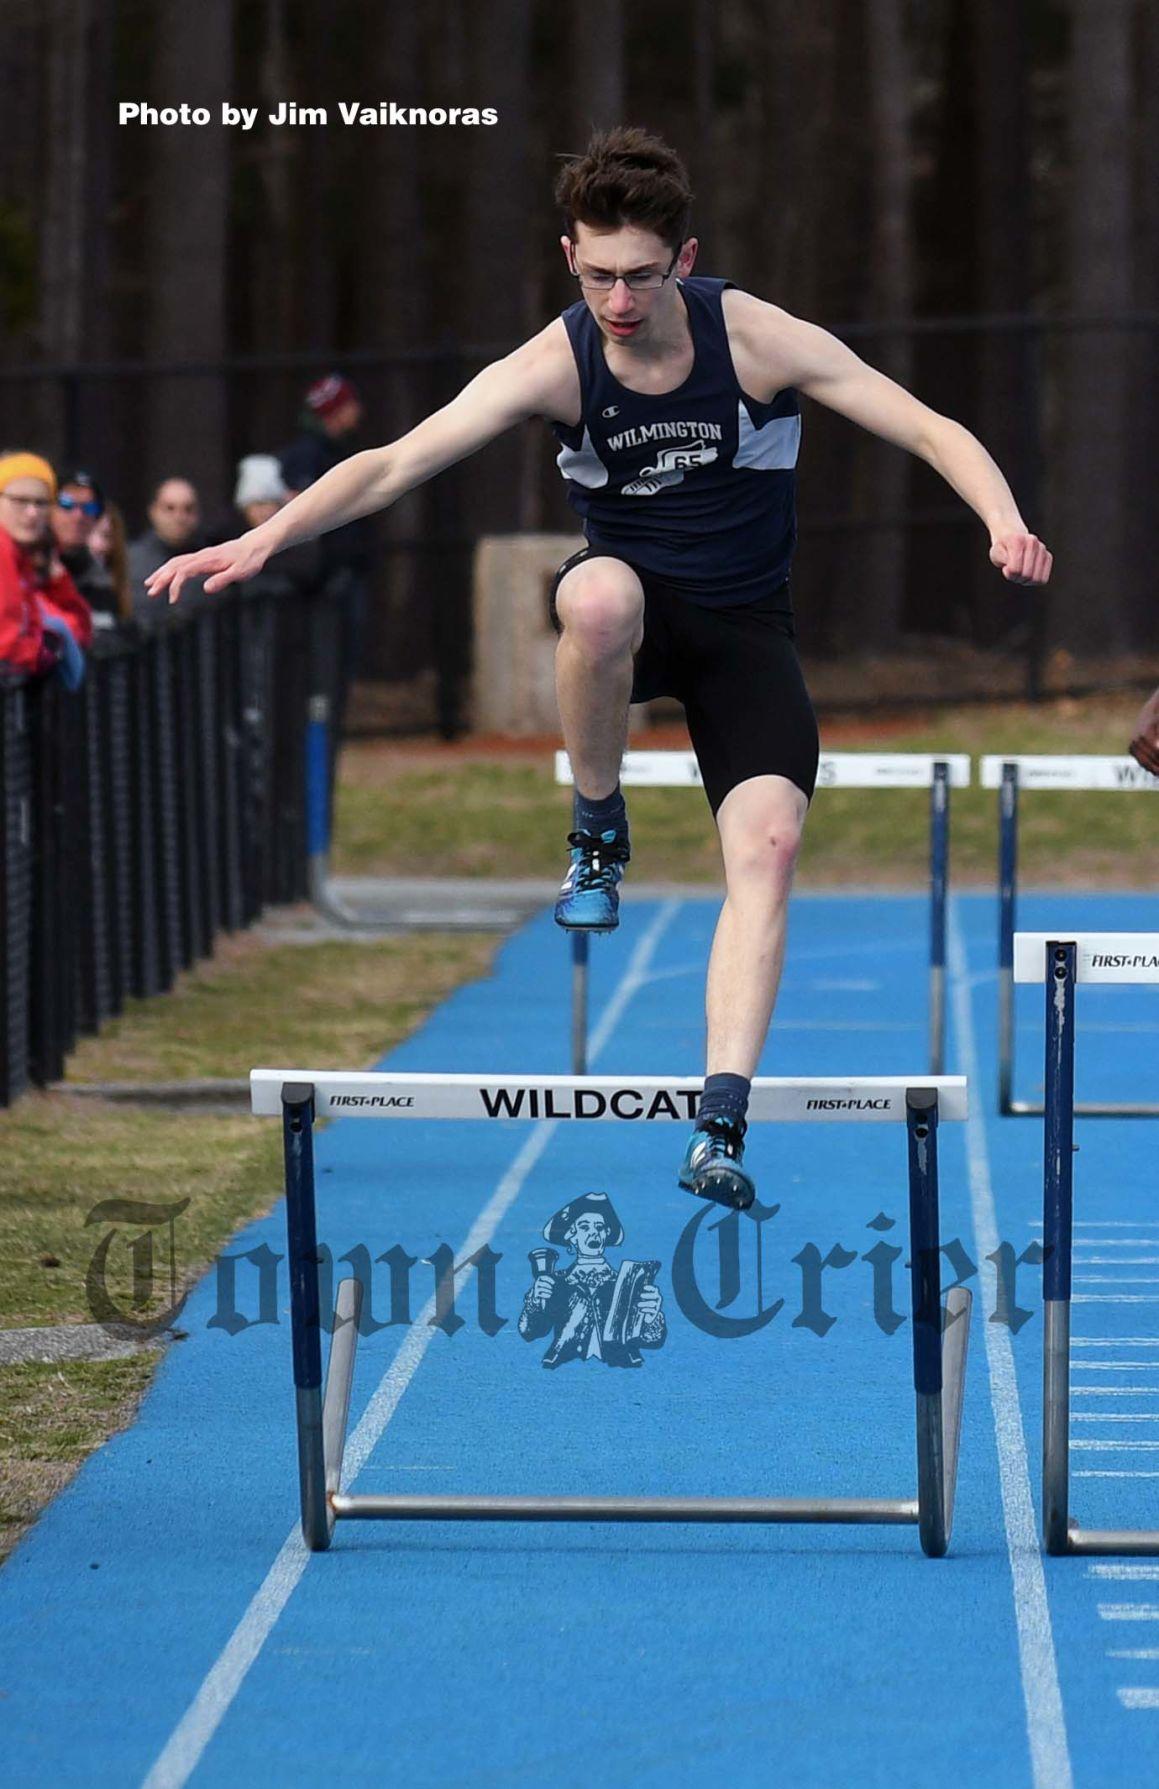 Kevin Elderd competes in the 400-meter hurdles